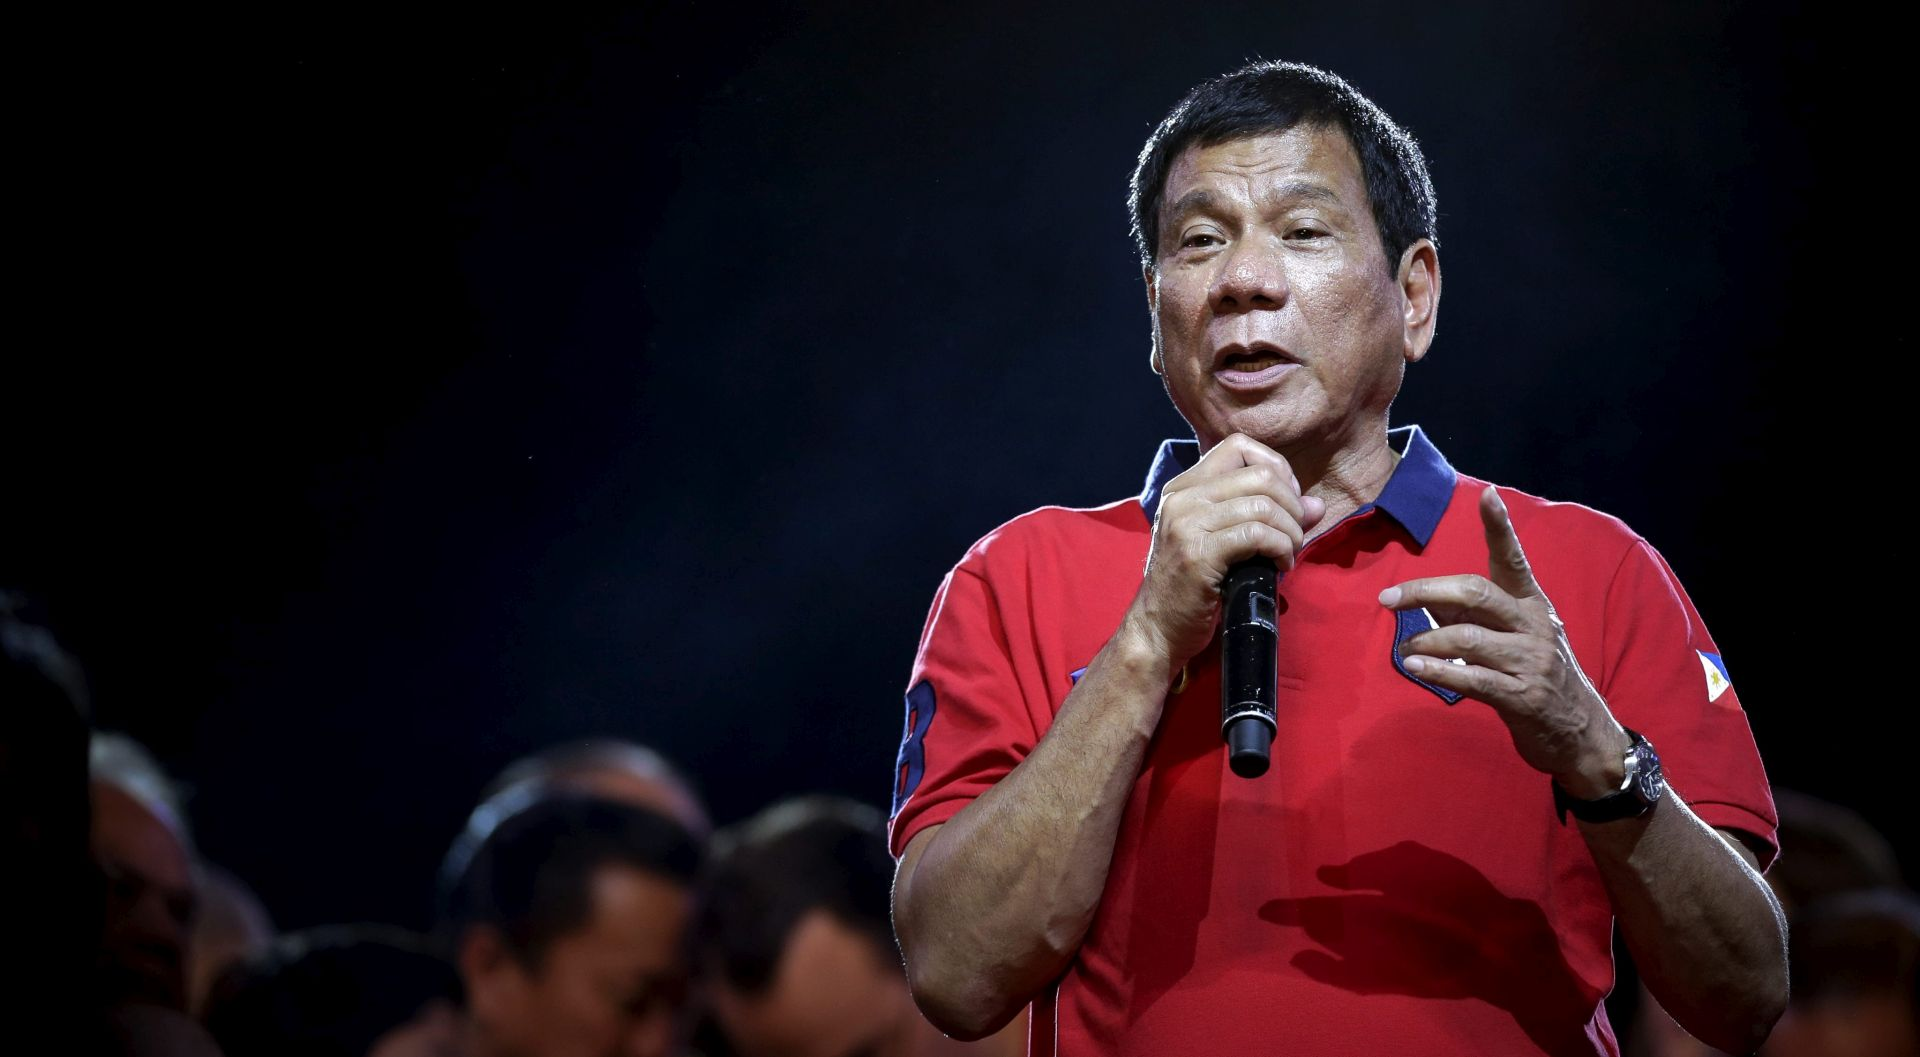 Glavna tužiteljica ICC-a izrazila veliku zabrinutost zbog ubijanja na Filipinima